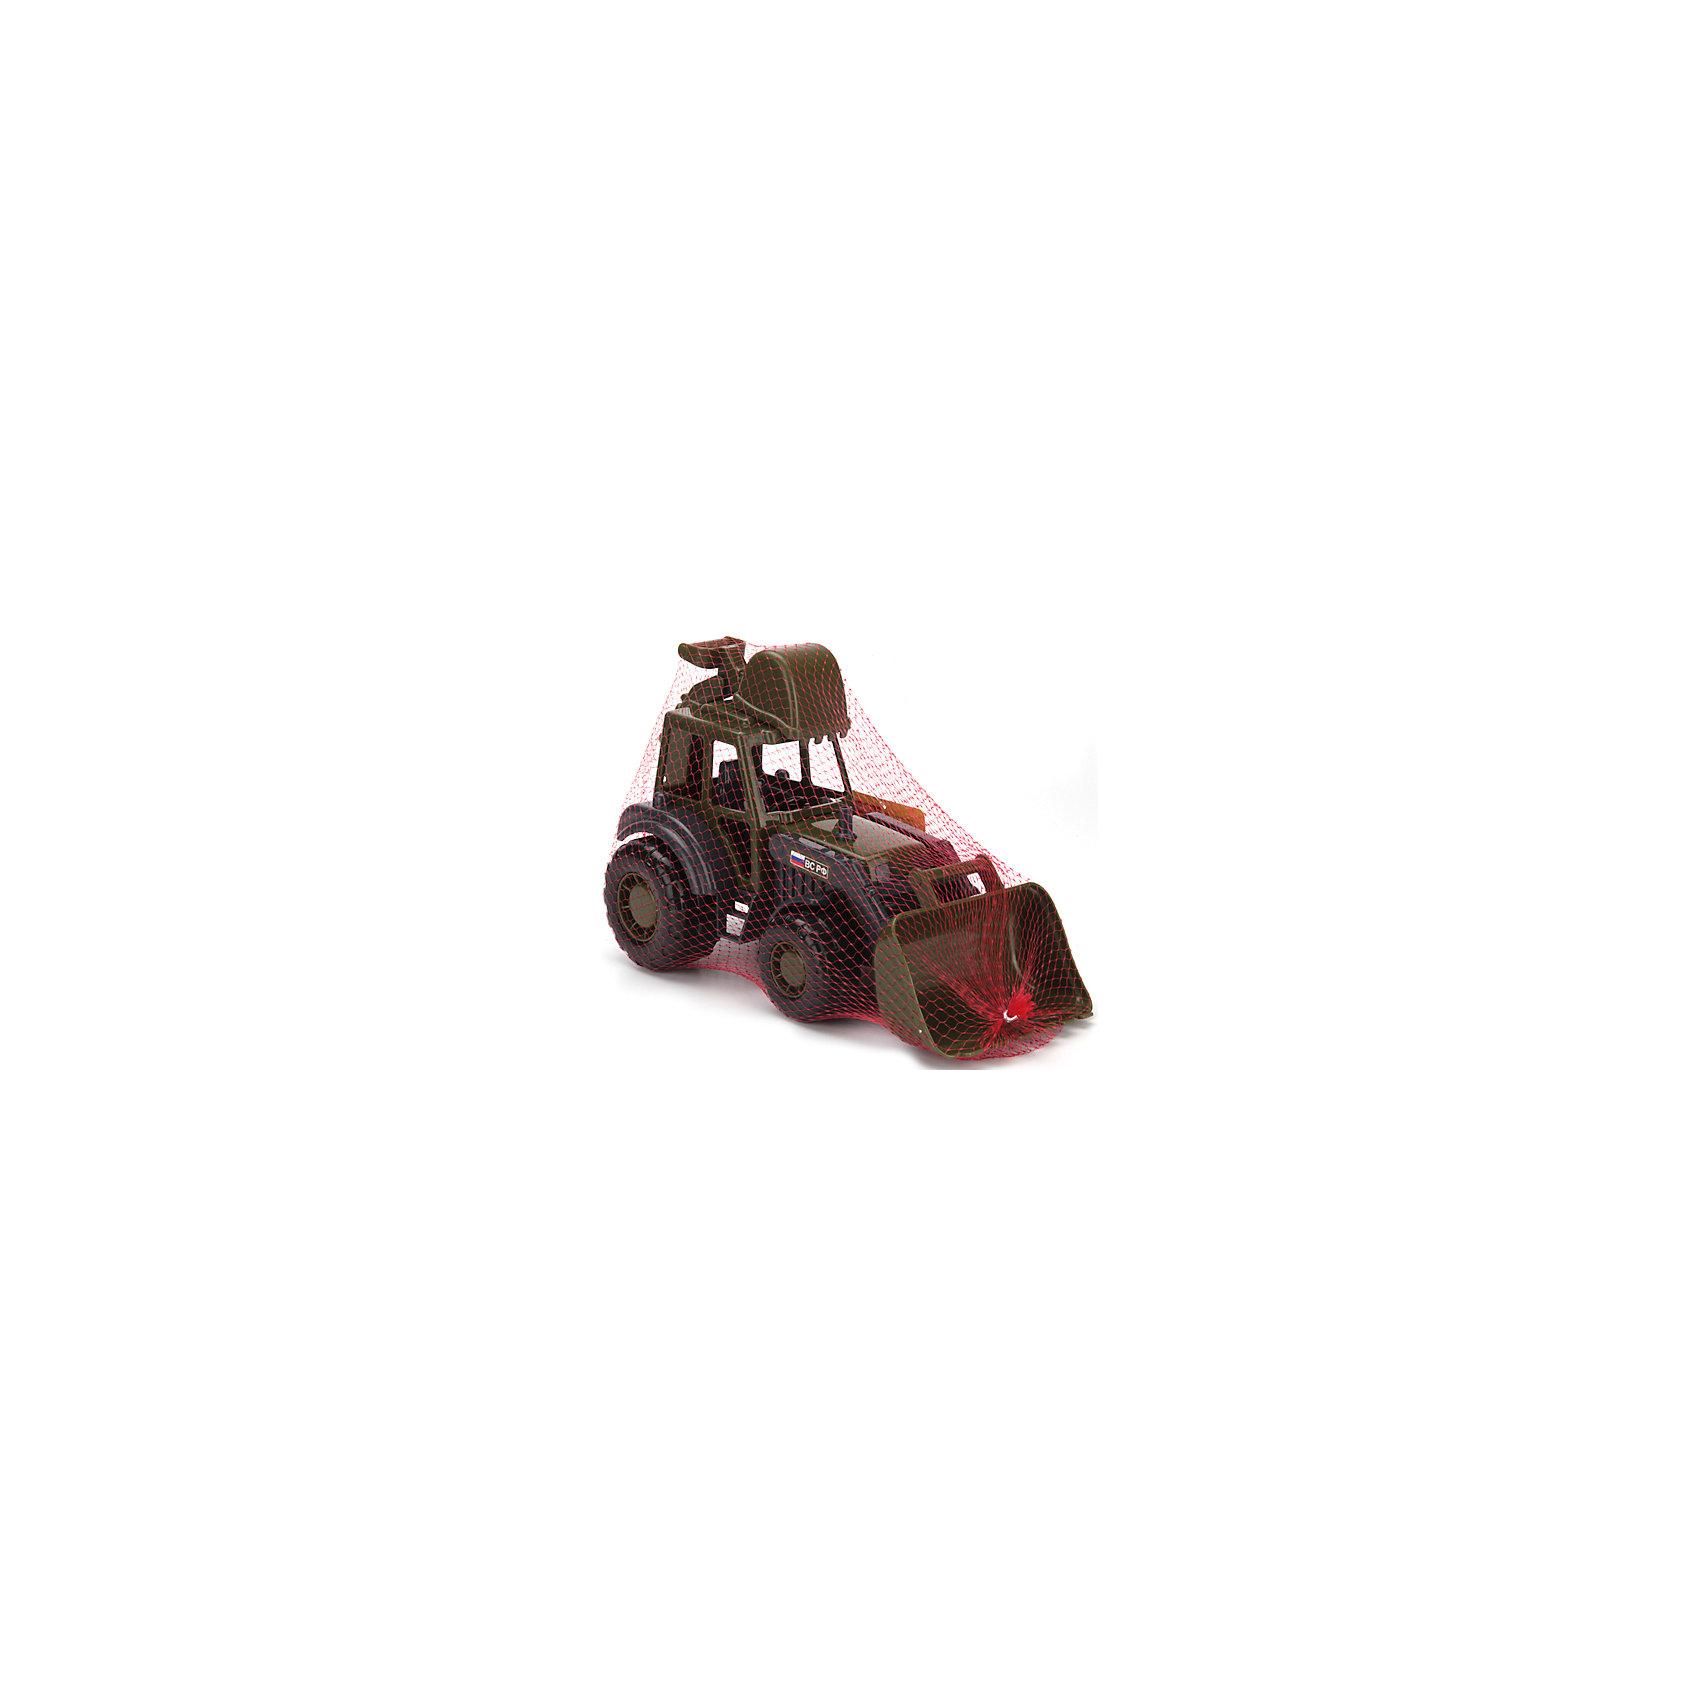 Военный экскаватор Мастер, ПолесьеВоенный транспорт<br>Военный экскаватор Мастер, Полесье.<br><br>Характеристики:<br><br>- Размер игрушки: 27,4х13х16,6 см.<br>- Материал: пластик<br>- Упаковка: сетка<br><br>Военный экскаватор Мастер от фирмы Полесье – это отличная игрушка для любителей военной техники. Машина отличается высокой степенью детализации и тщательной проработкой всех элементов. Корпус экскаватора окрашен в темно-зеленый цвет, на боку надпись ВС РФ. Экскаватор оборудован двумя подвижными ковшами: большим спереди и малым сзади. Кабина оснащена сиденьем. В нее можно посадить подходящую по размеру мини-фигурку. Благодаря пластиковым рельефным колесам со свободным ходом экскаватор может легко преодолеть любые неровности почвы и отлично подходит для игр в песочнице. Игрушка изготовлена из безопасного пластика, отличается высокой прочностью и отличным качеством сборки.<br><br>Военный экскаватор Мастер, Полесье можно купить в нашем интернет-магазине.<br><br>Ширина мм: 274<br>Глубина мм: 130<br>Высота мм: 166<br>Вес г: 300<br>Возраст от месяцев: 36<br>Возраст до месяцев: 96<br>Пол: Мужской<br>Возраст: Детский<br>SKU: 4763443